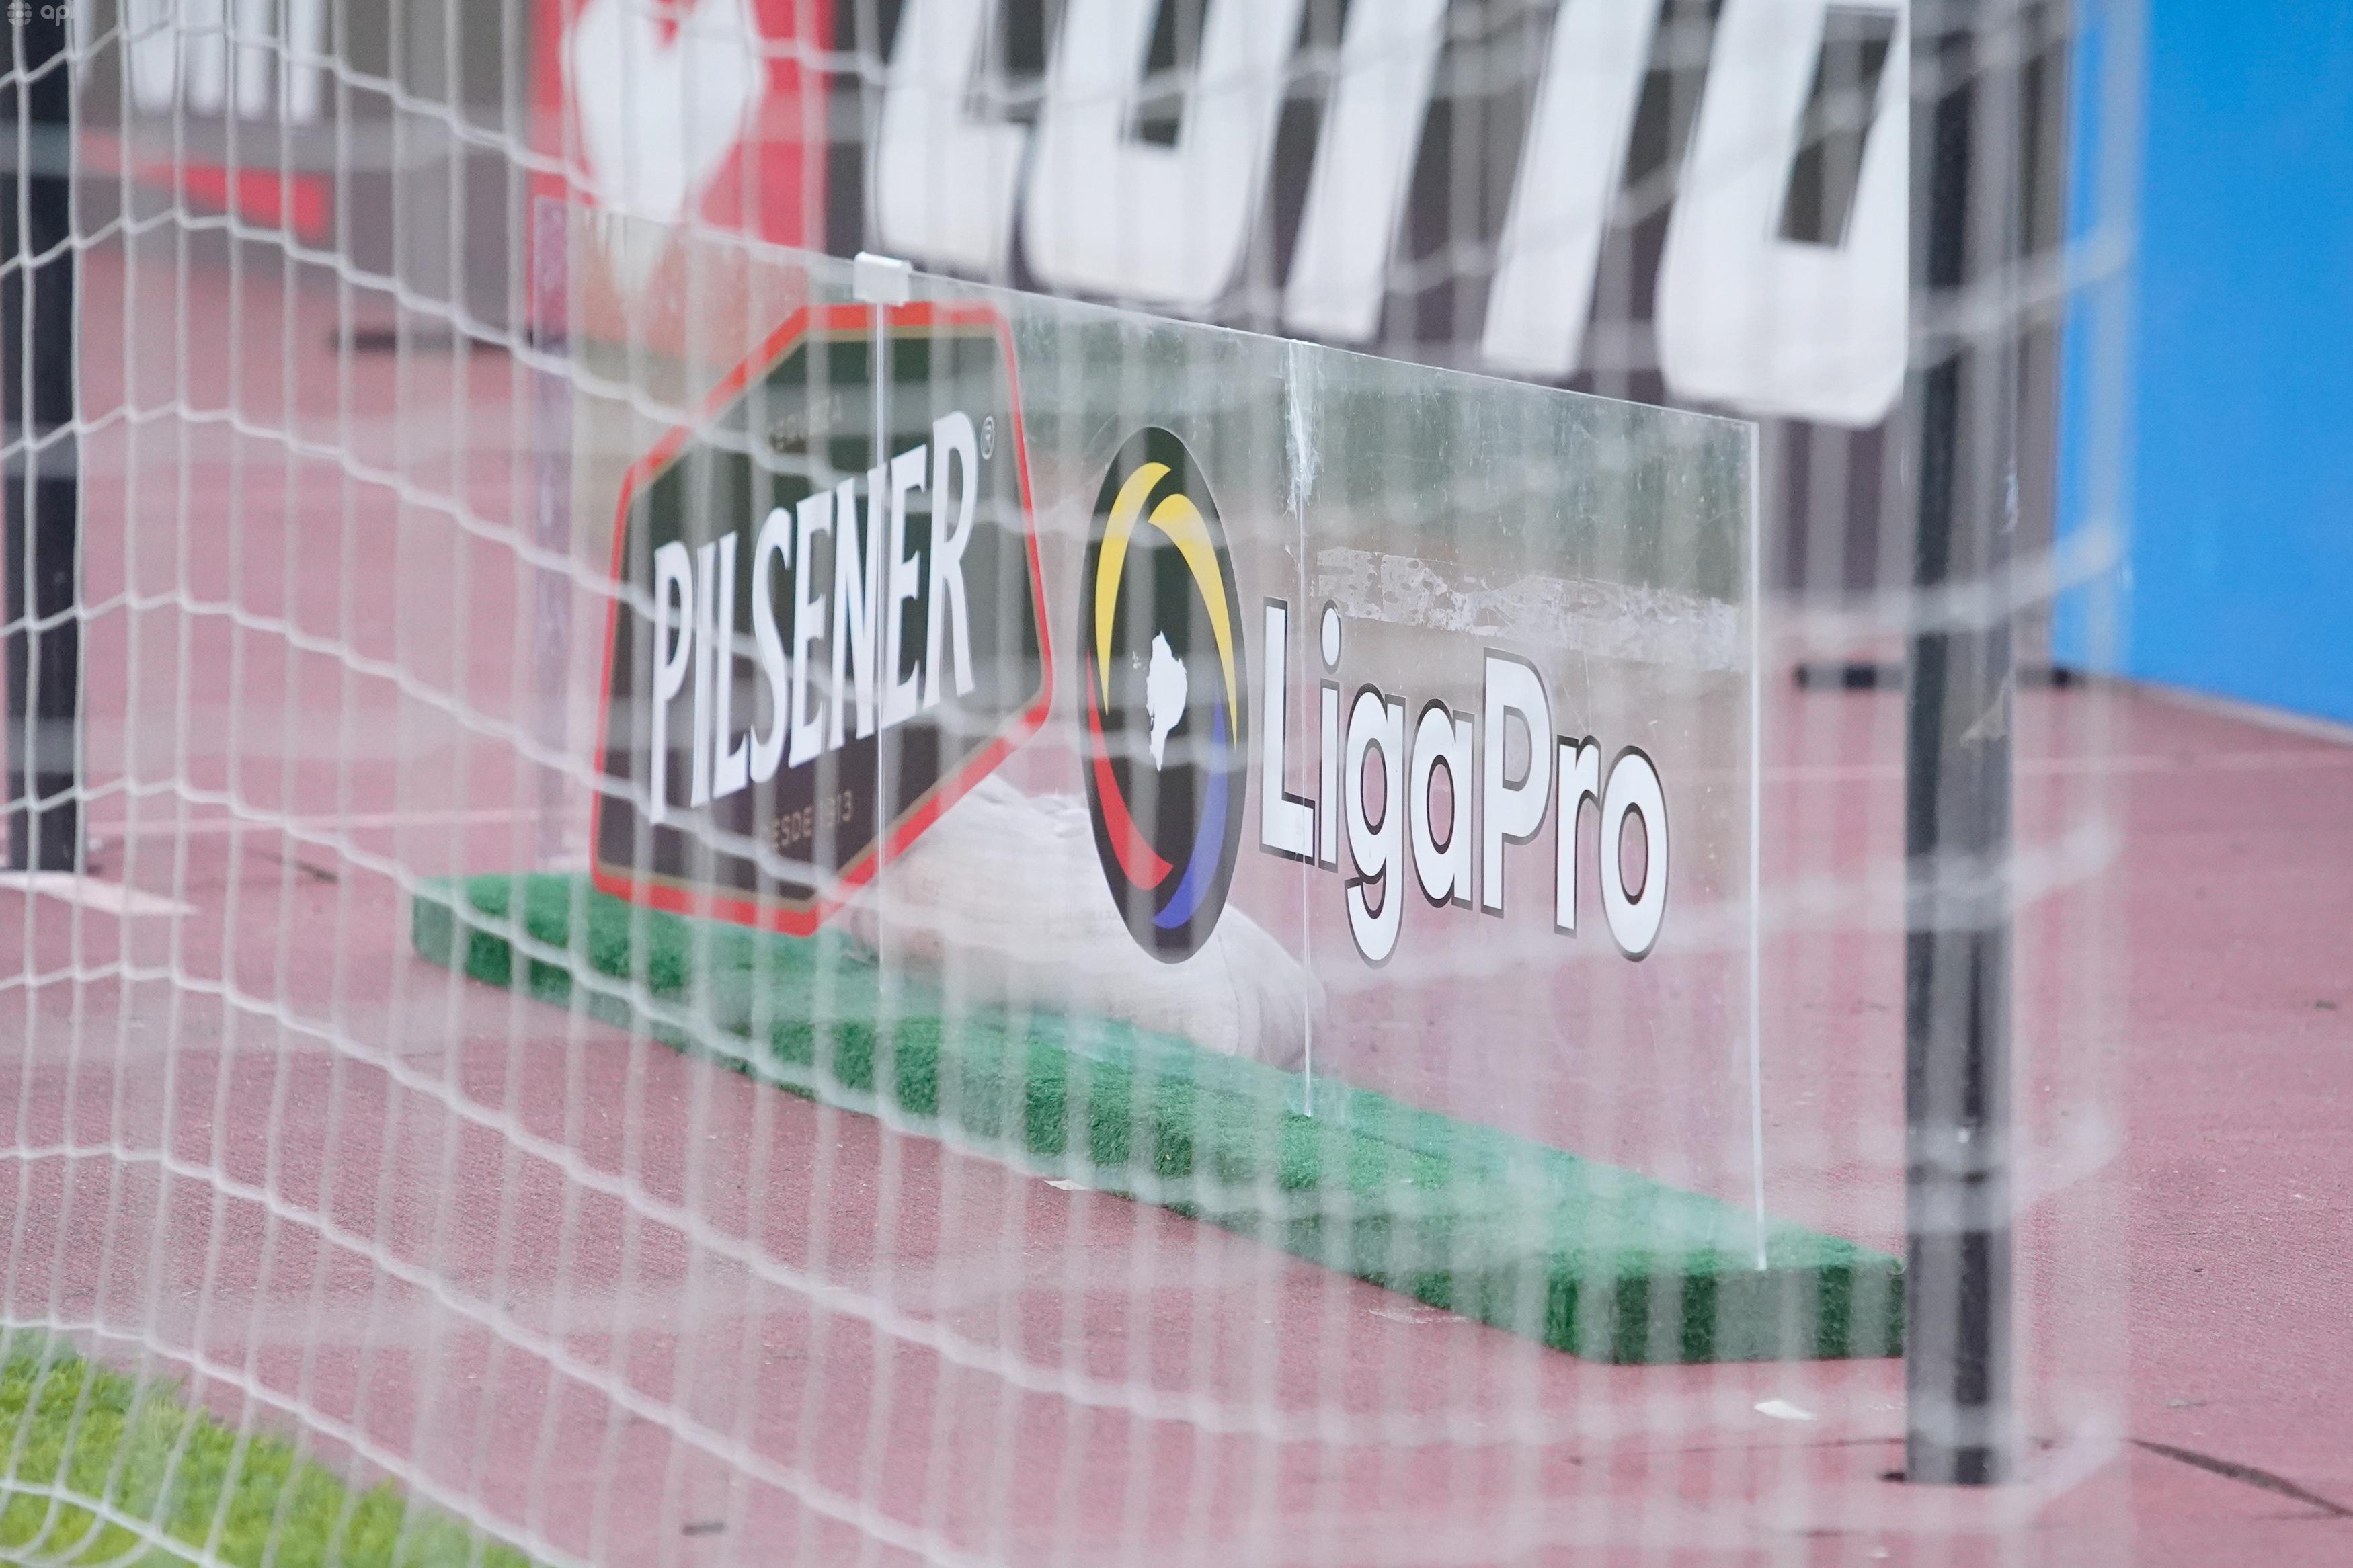 Miguel Ángel Loor mencionó que la próxima temporada podría arrancar entre la segunda o tercera semana de febrero